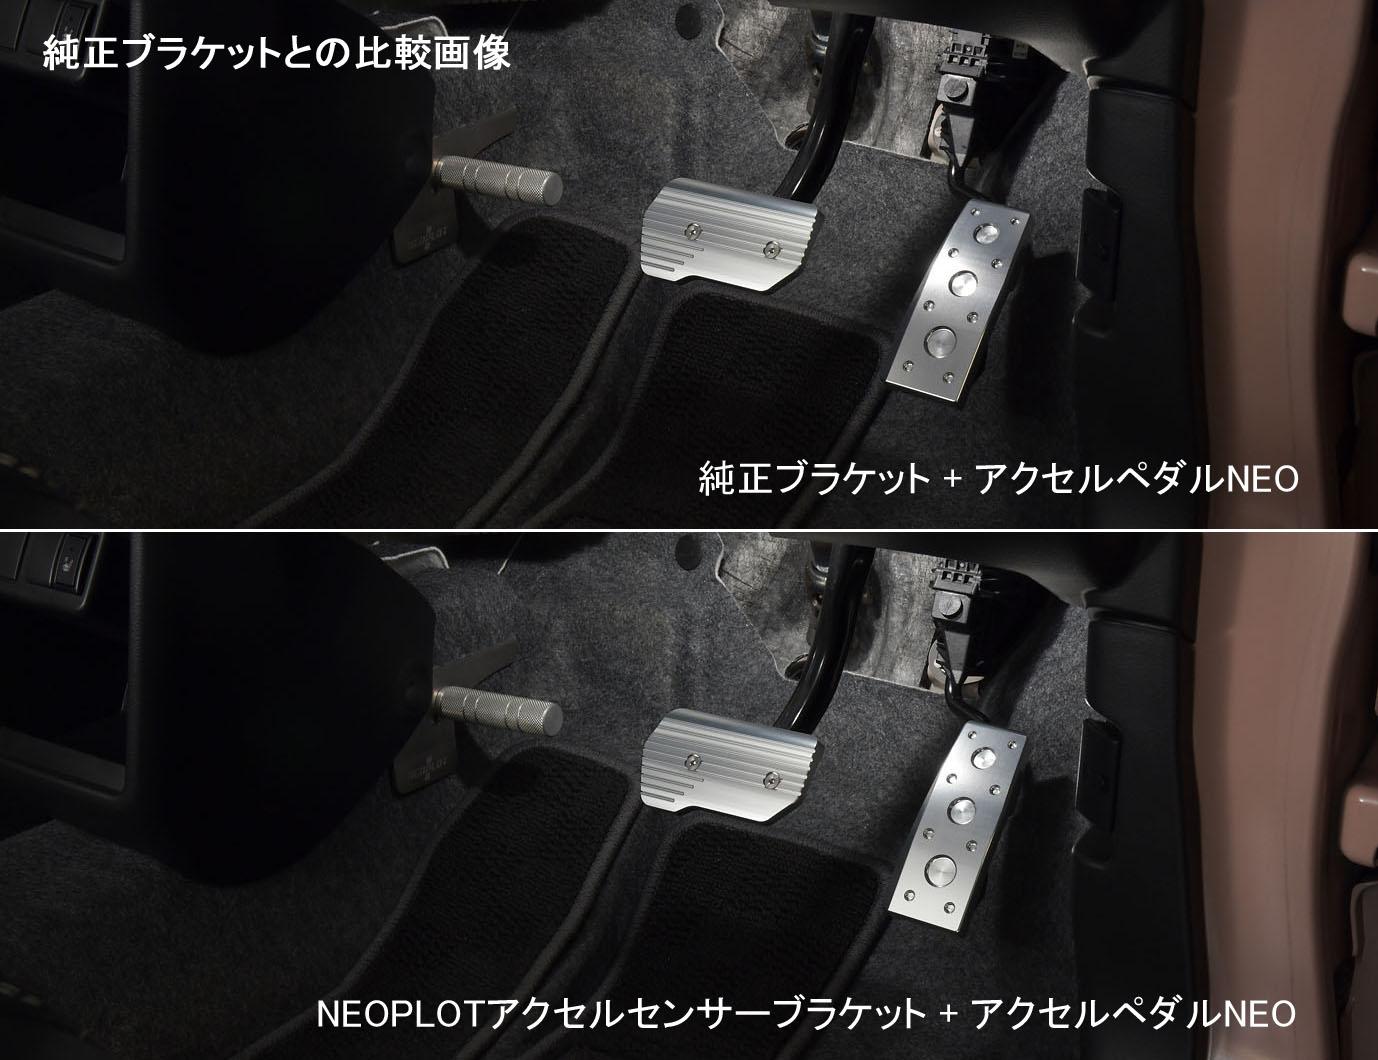 純正ブラケット車とアクセルセンサーブラケット装着車の比較画像